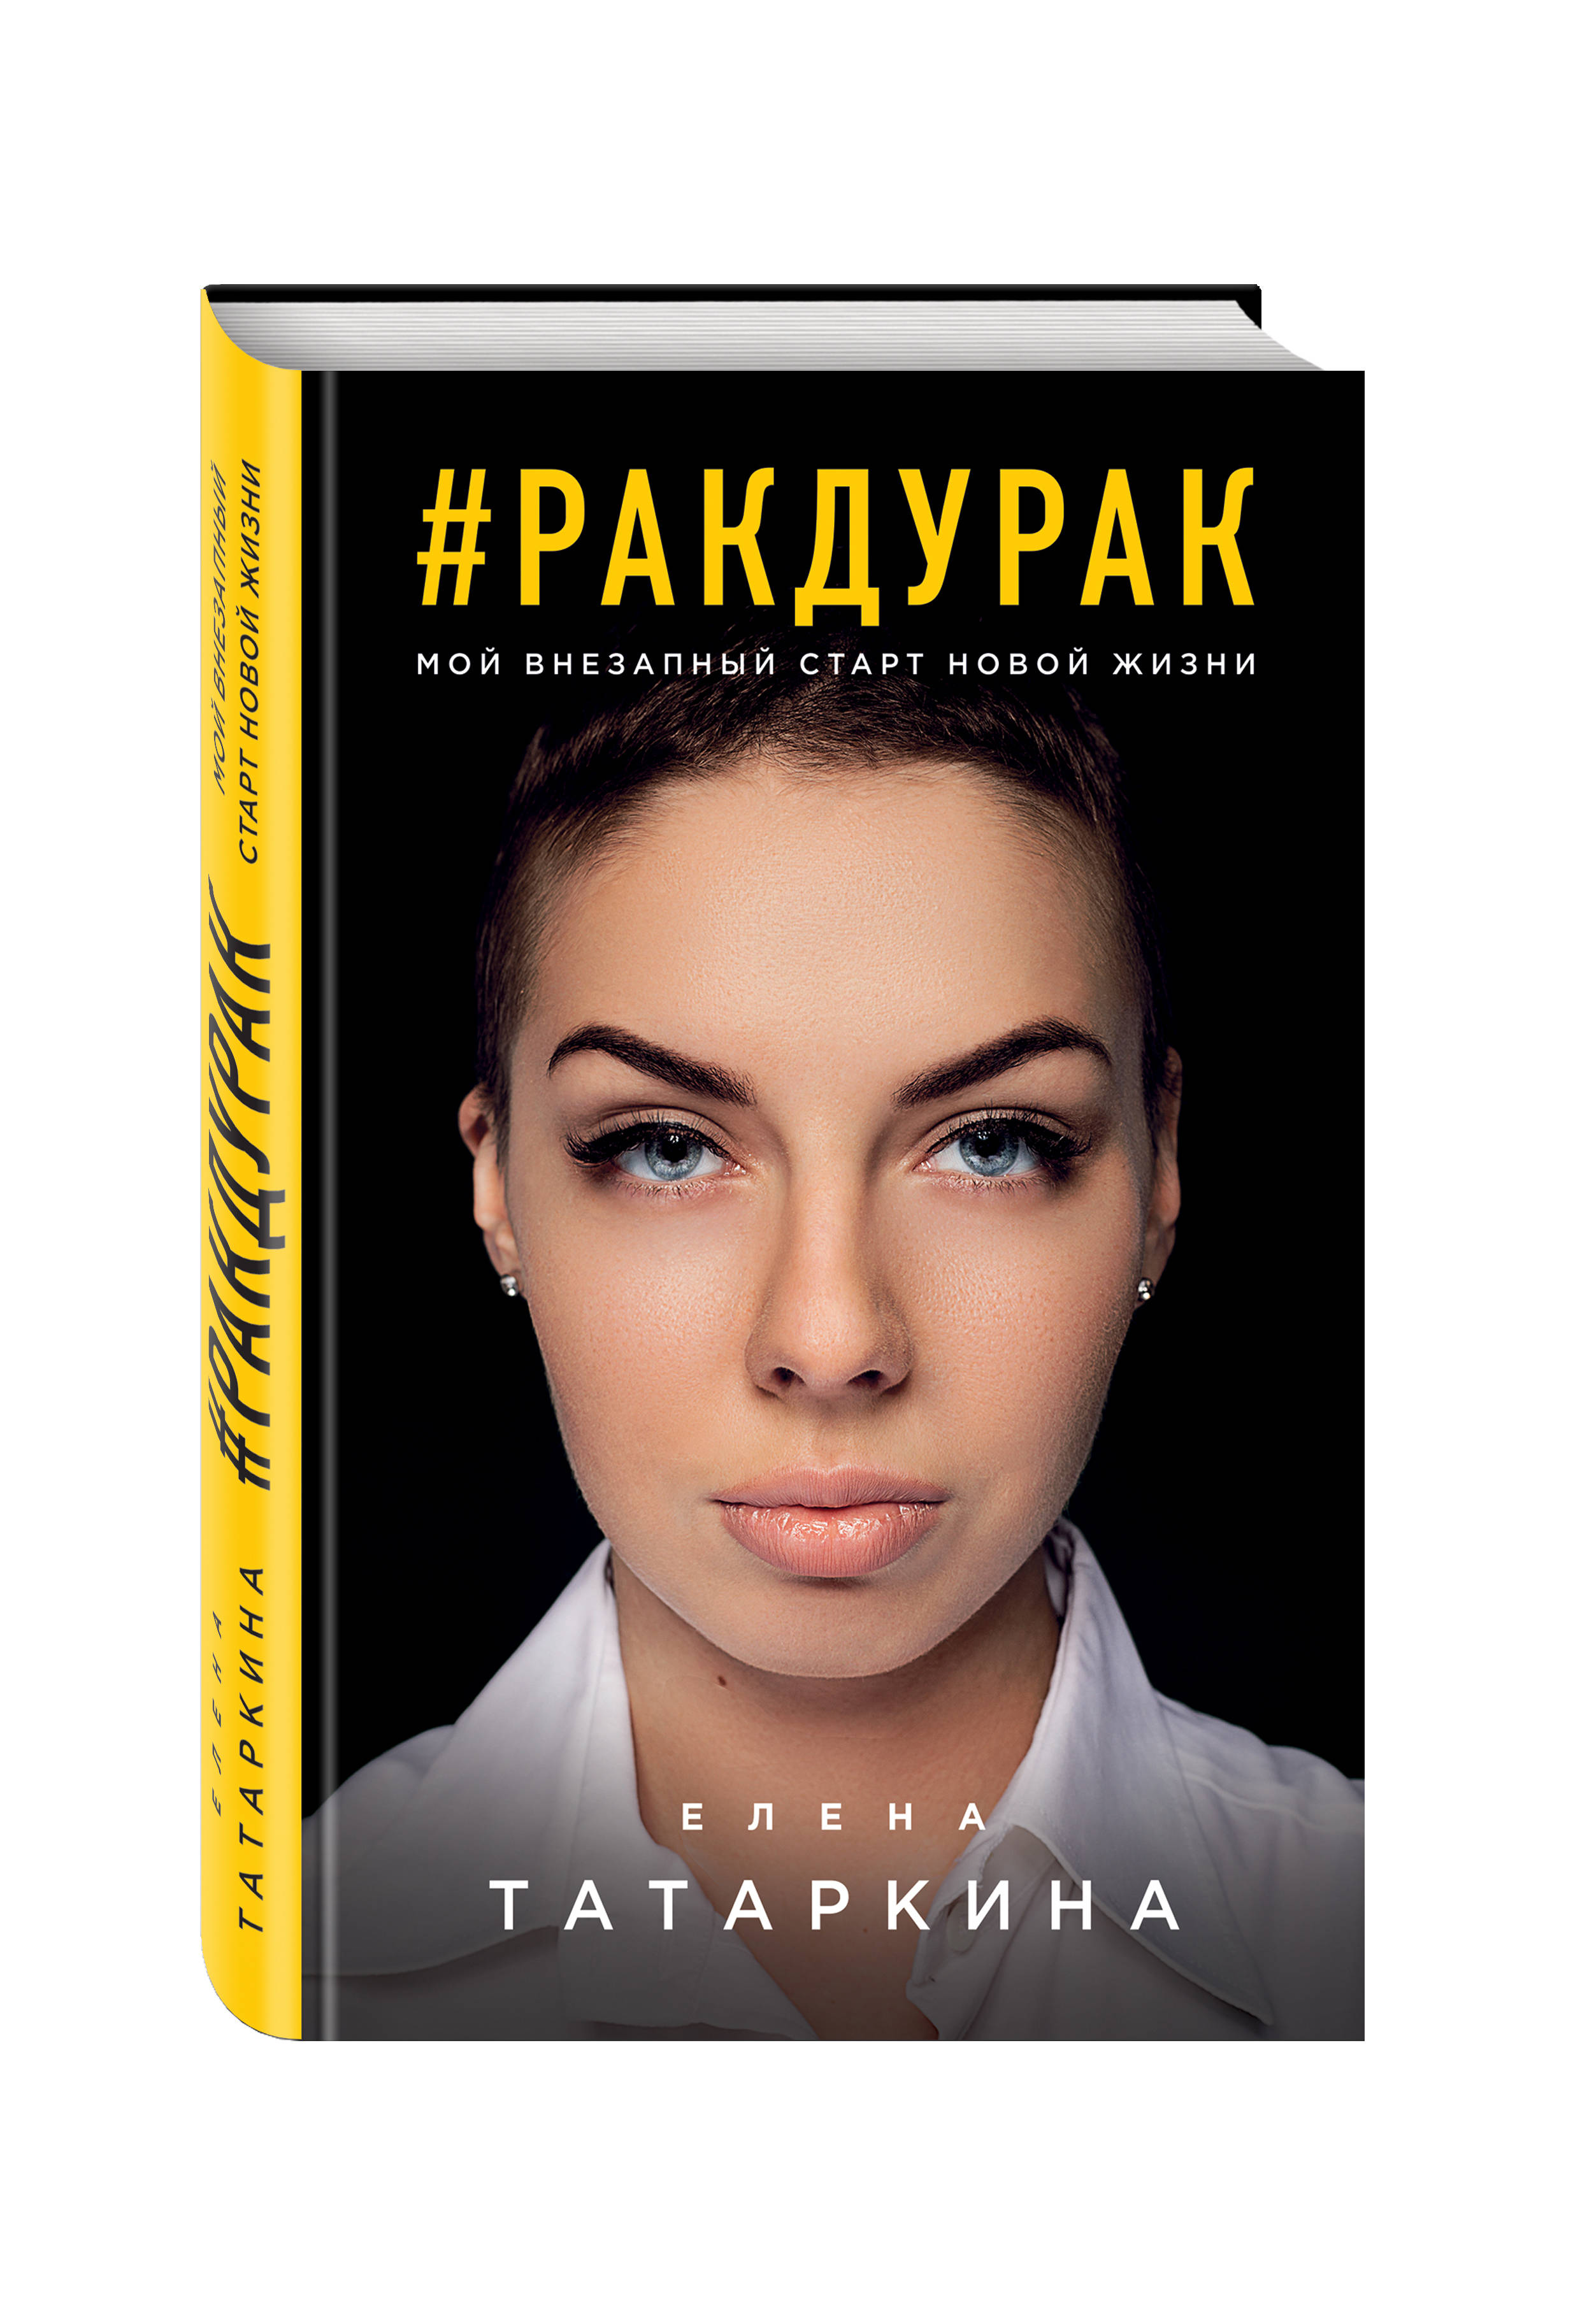 Елена Татаркина Ракдурак. Мой внезапный старт новой жизни